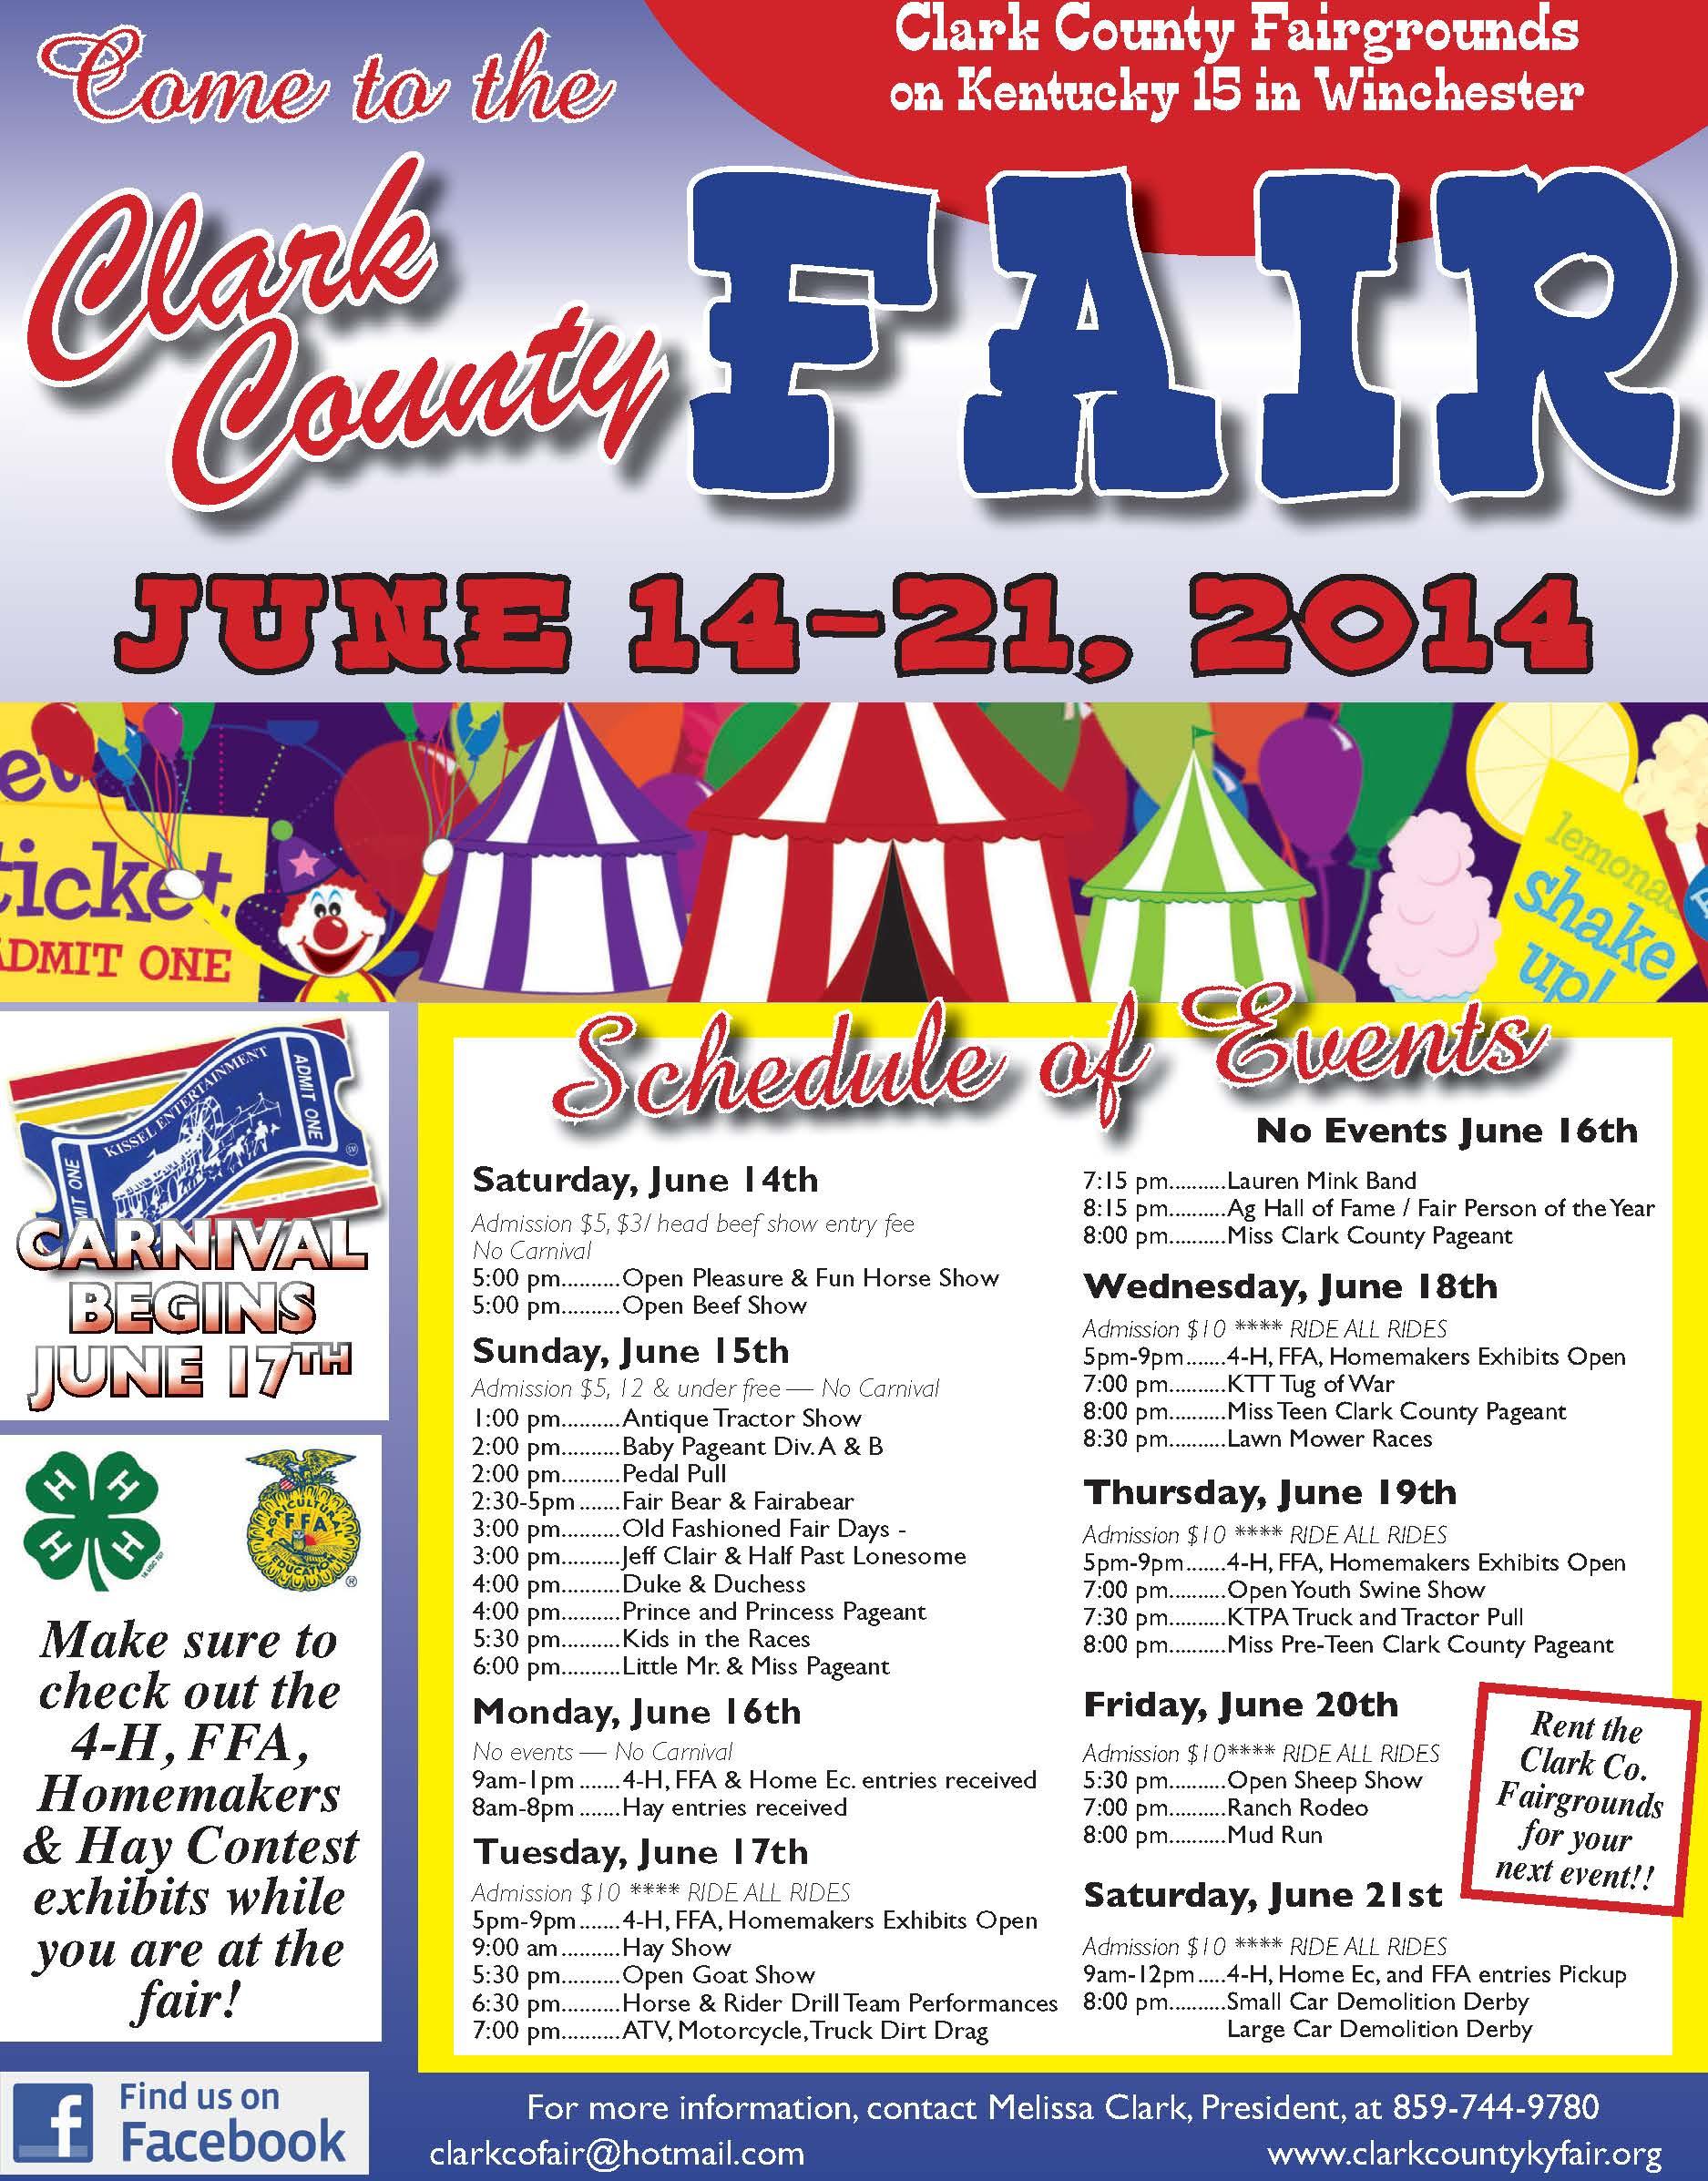 Clark County Fair 2014